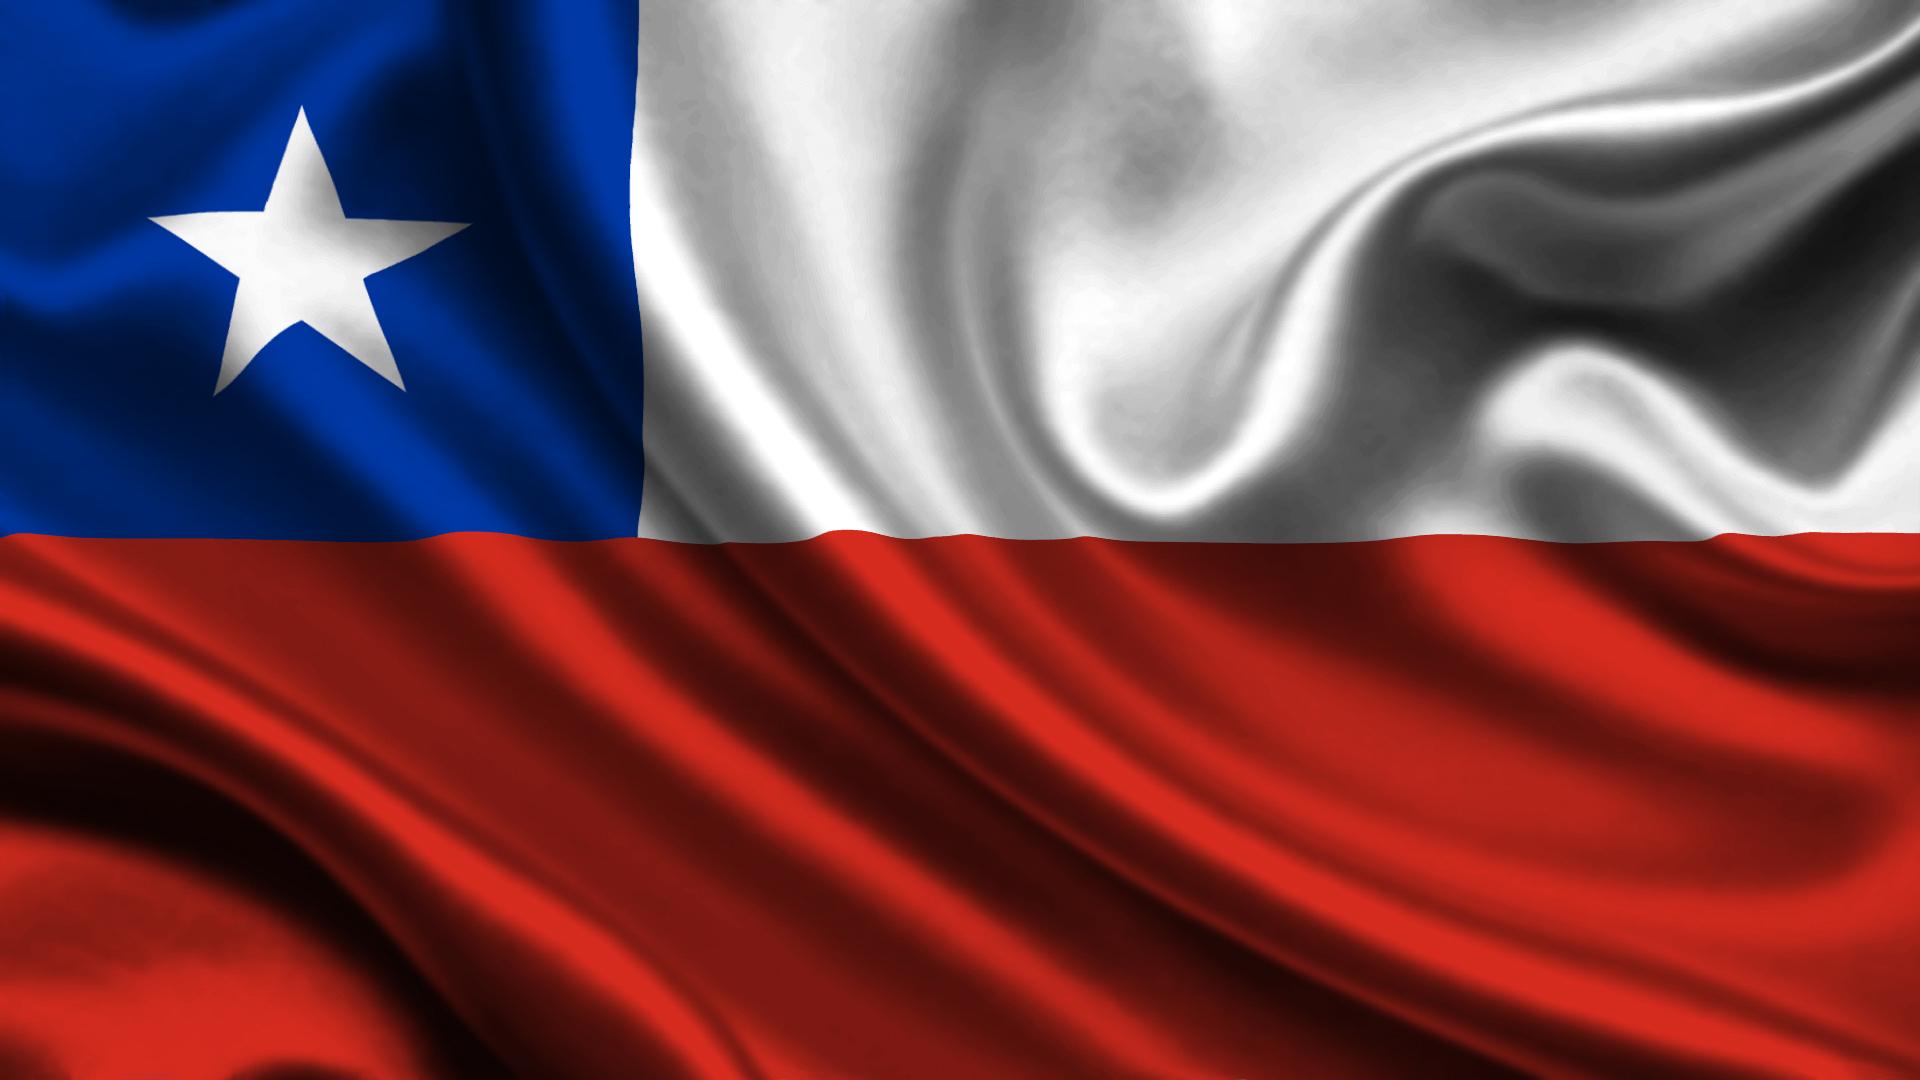 fotos de banderas de chile: